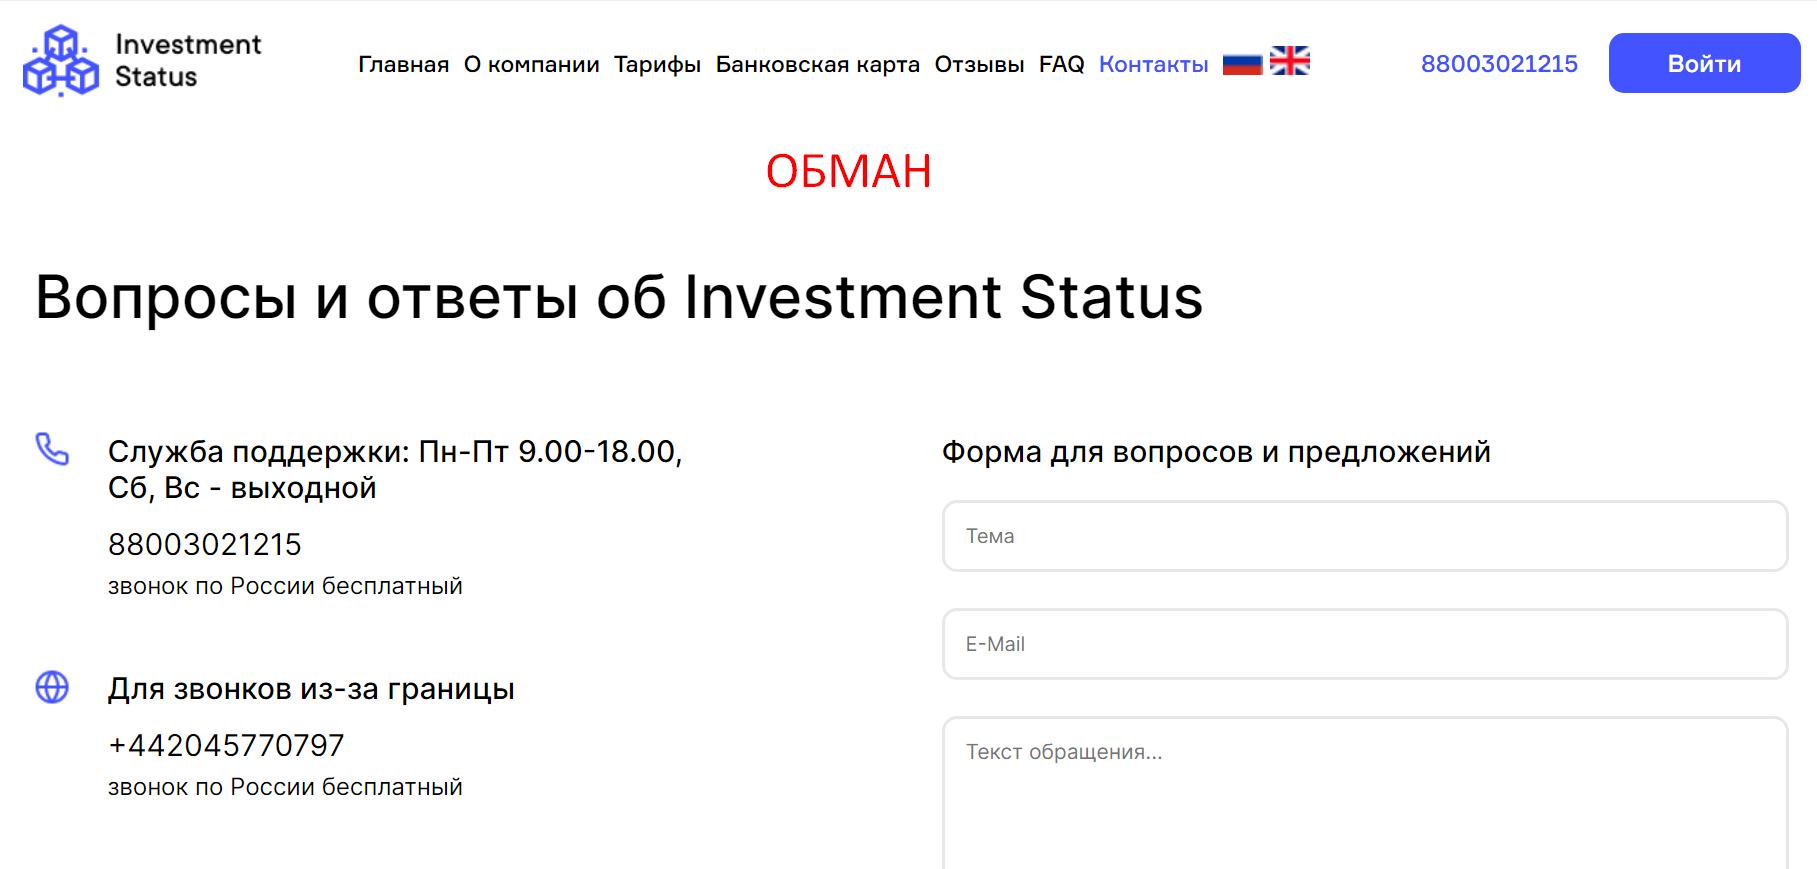 Investment Status контакты